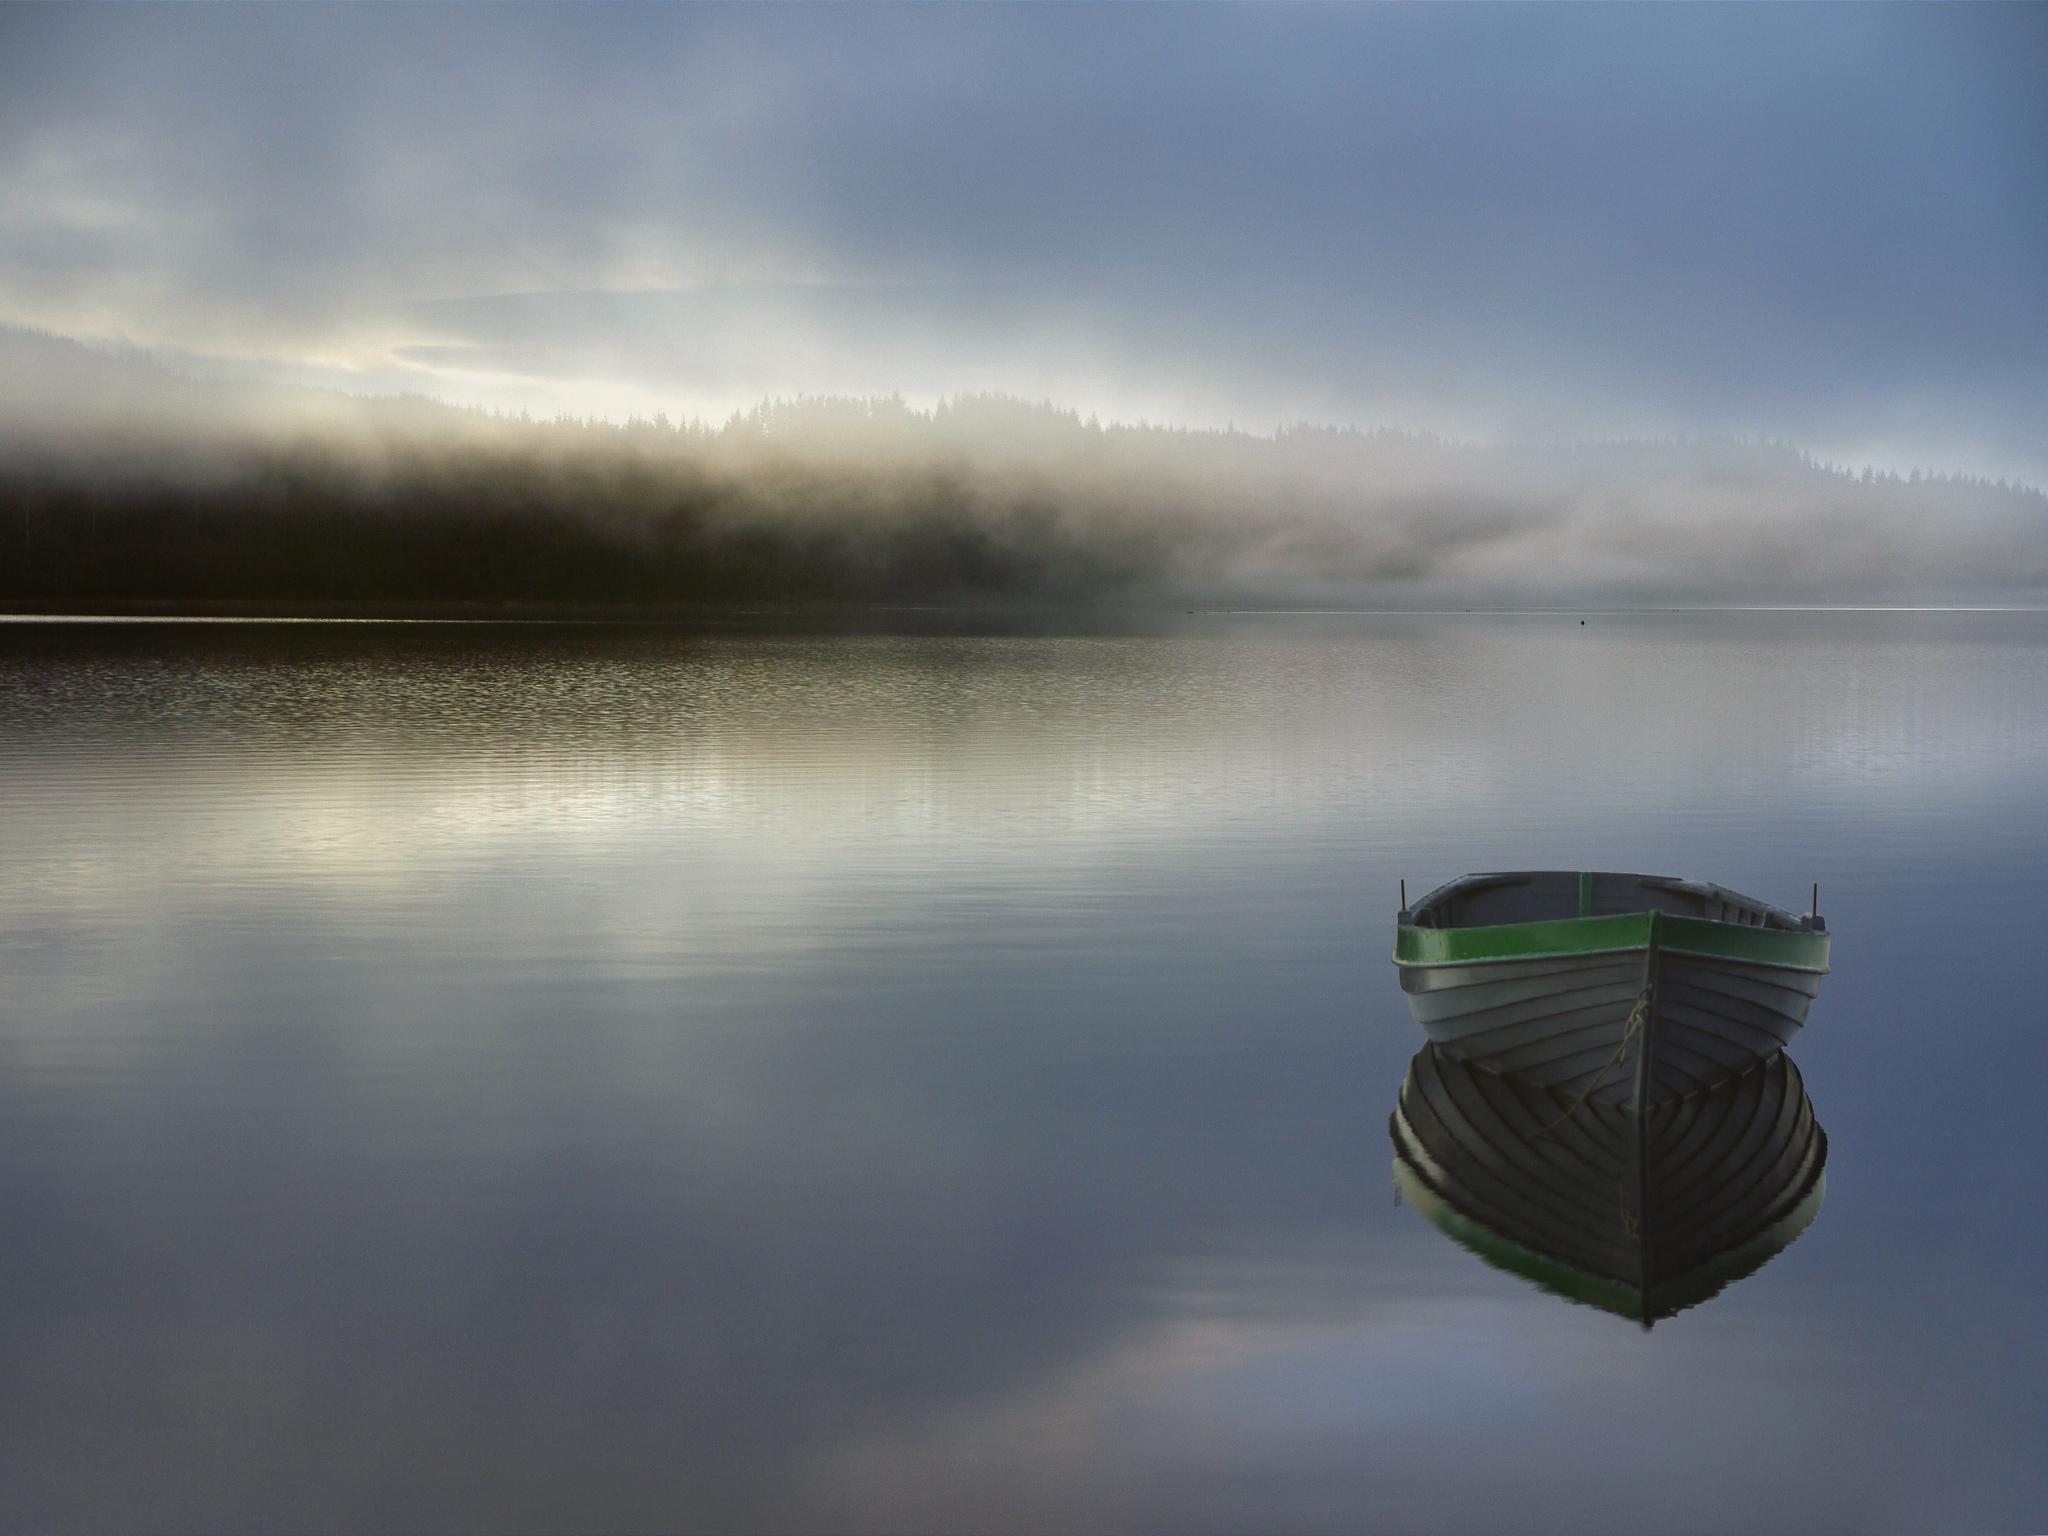 1920x1080 лодка, озеро, туман, холмы обои full hd, hdtv, fhd, 1080p